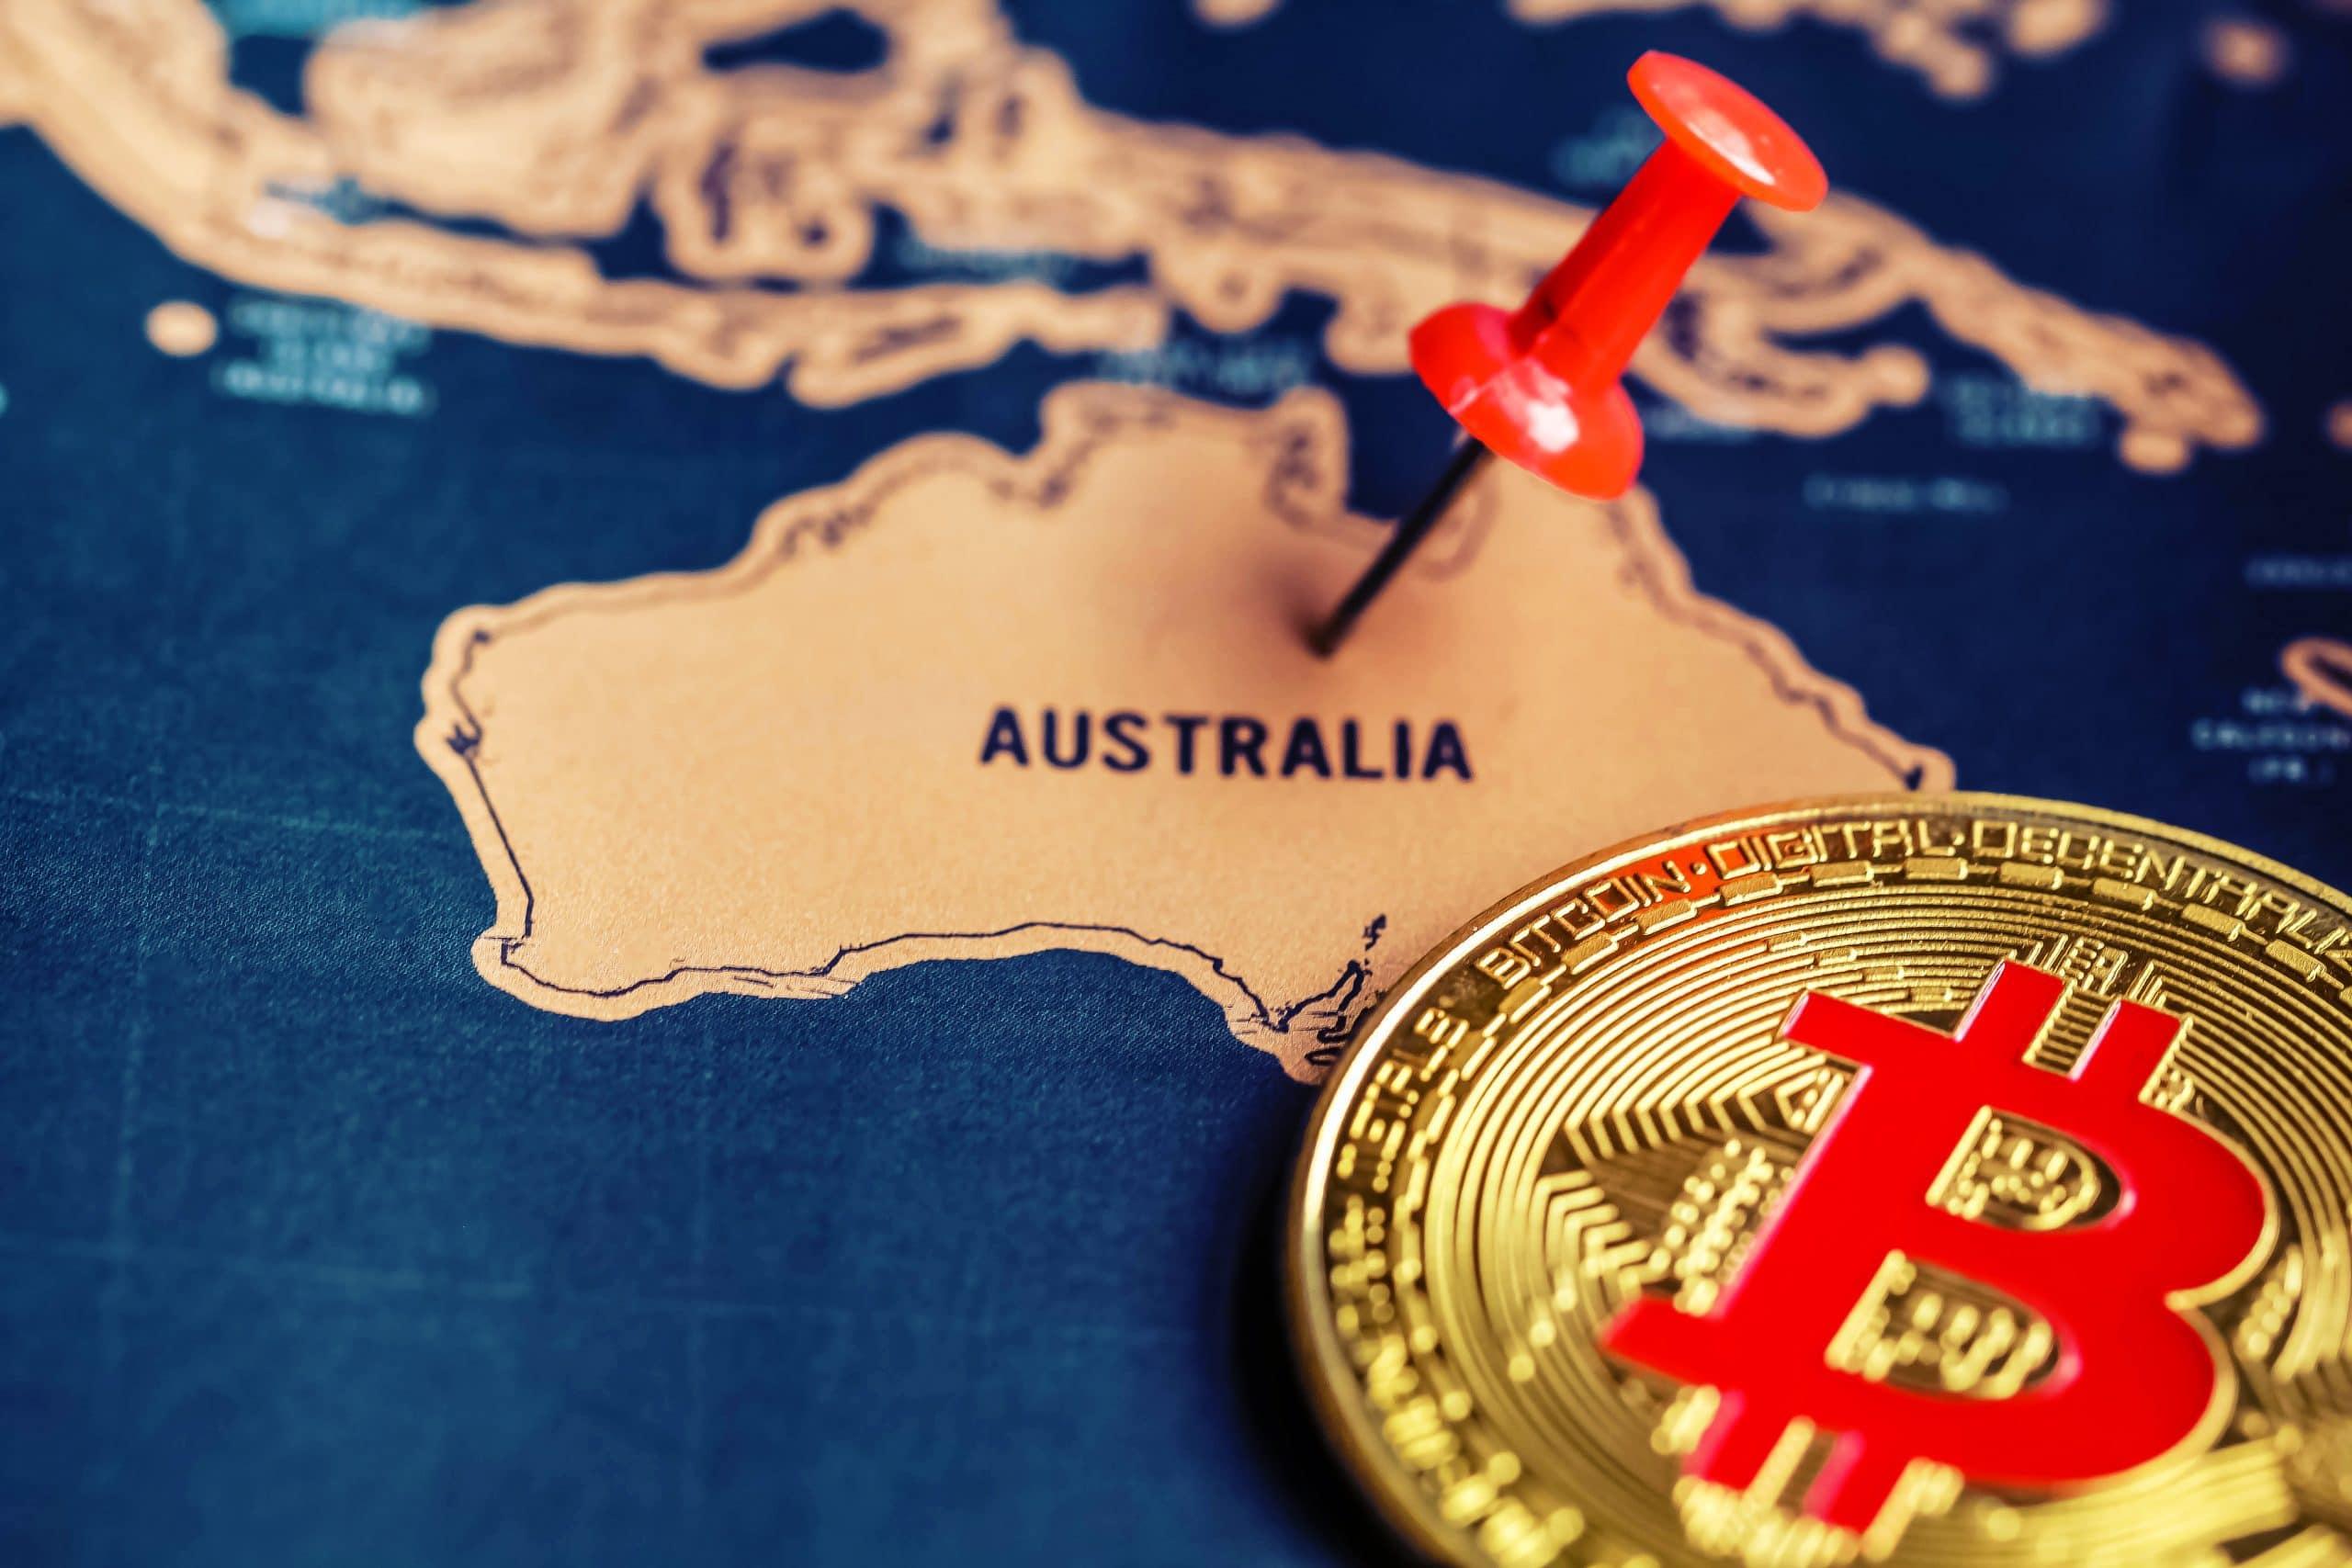 bitcoin erklärung 2021 die bitcoin funktionsweise wie man mit bitcoin in australien handelt